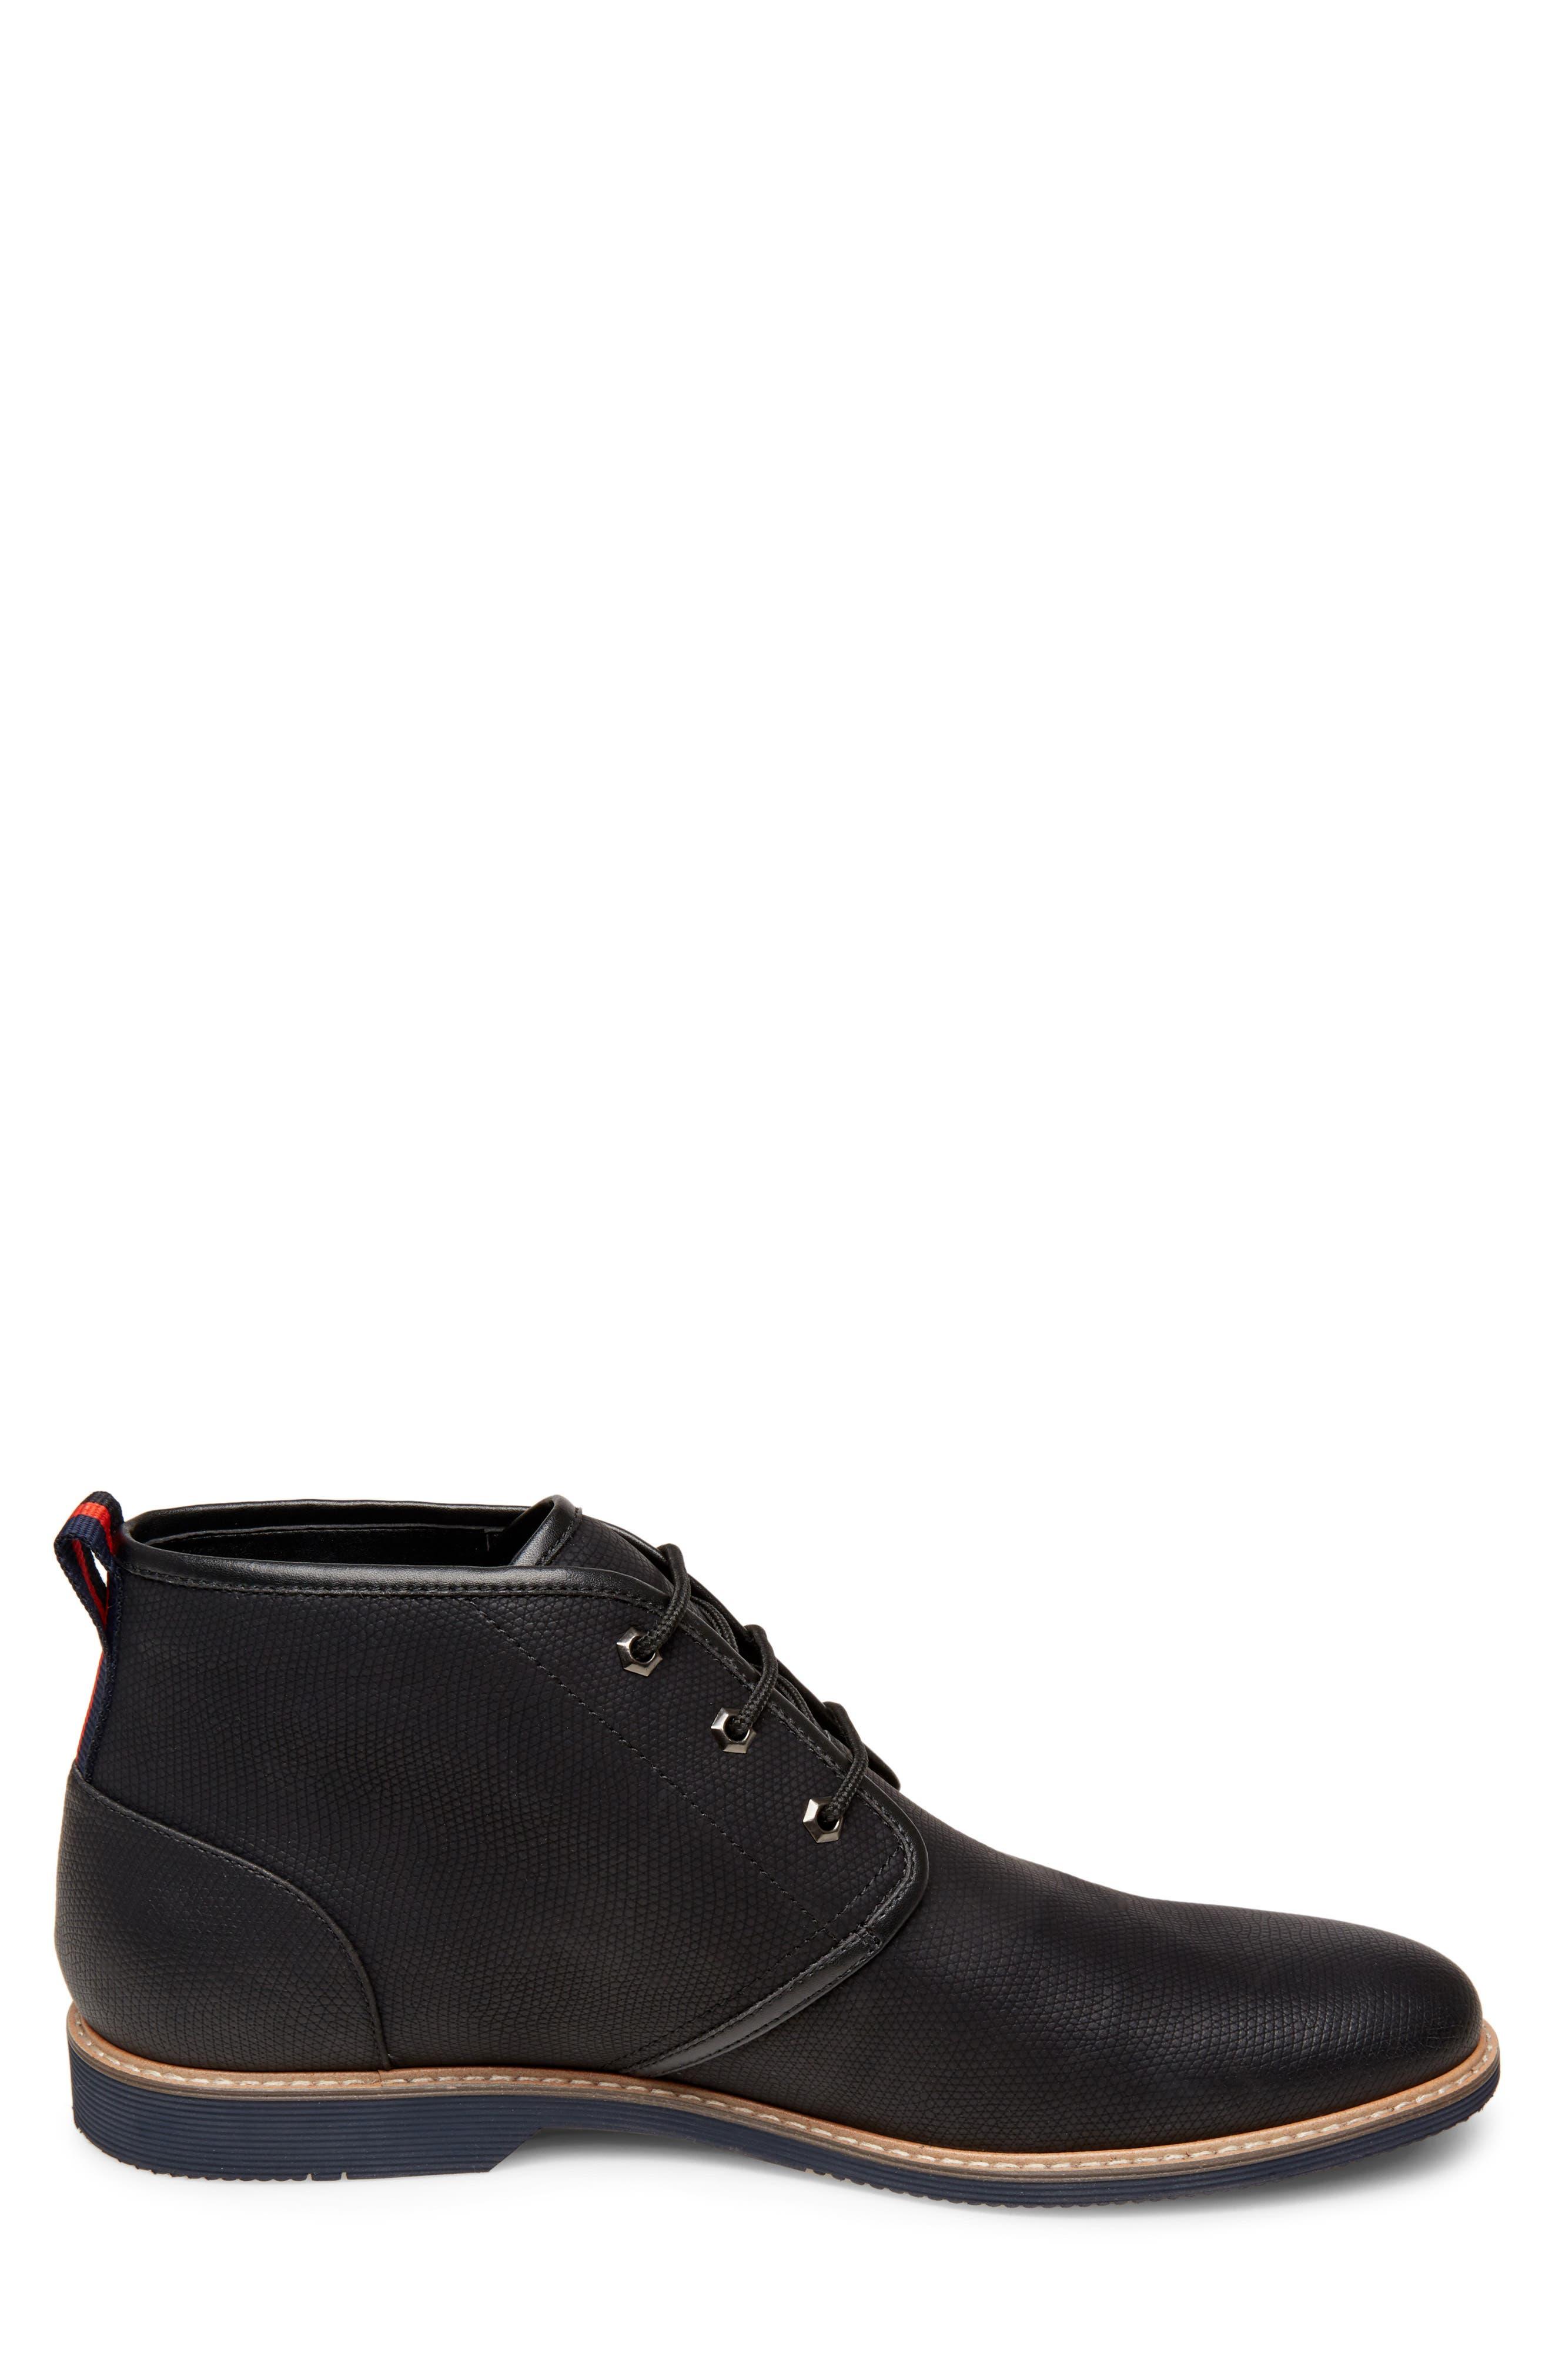 Nurture Plain Toe Boot,                             Alternate thumbnail 3, color,                             BLACK